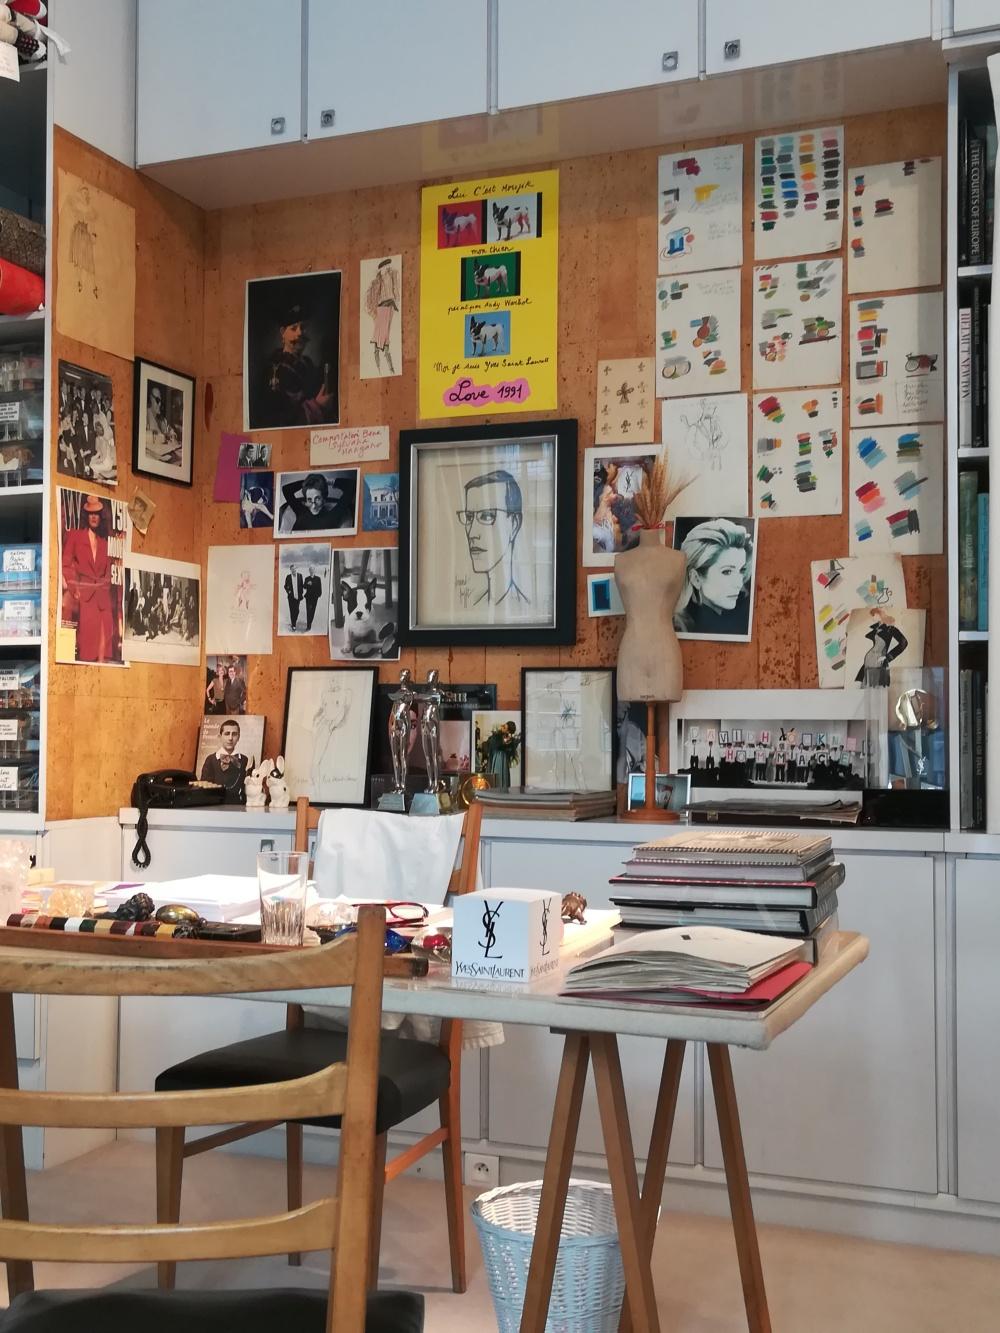 Atelier Yves Saint Laurent - Avenue Marceau, Paris